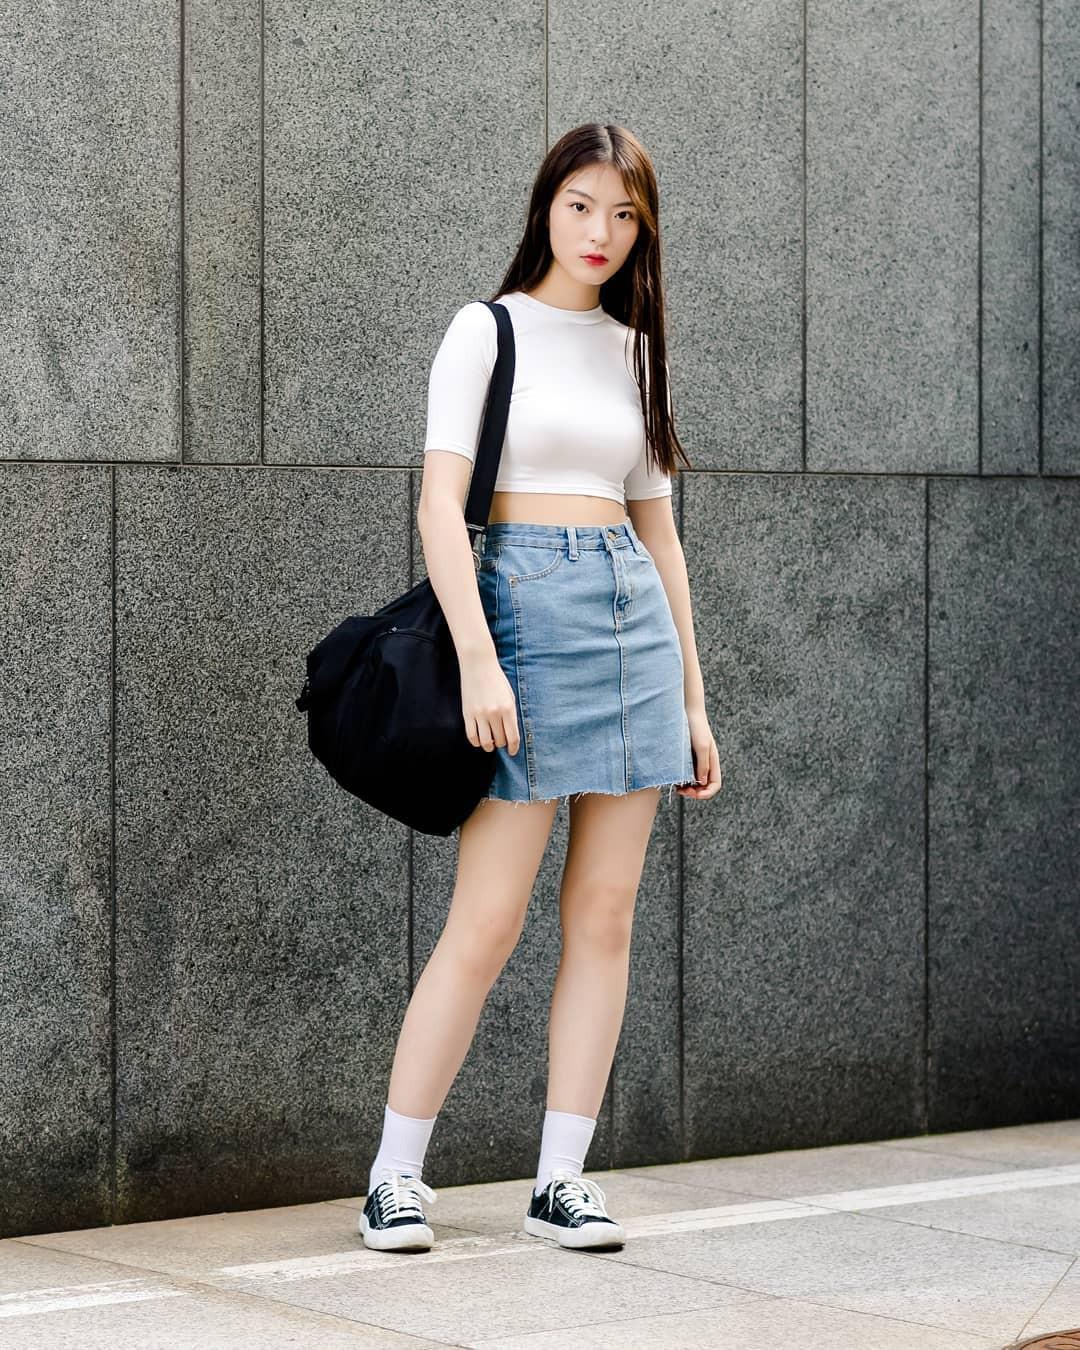 Toàn đồ đơn giản nhưng lại có những cú twist chẳng ai nghĩ ra, street style của giới trẻ Hàn sẽ khiến bạn phục sát đất - Ảnh 8.